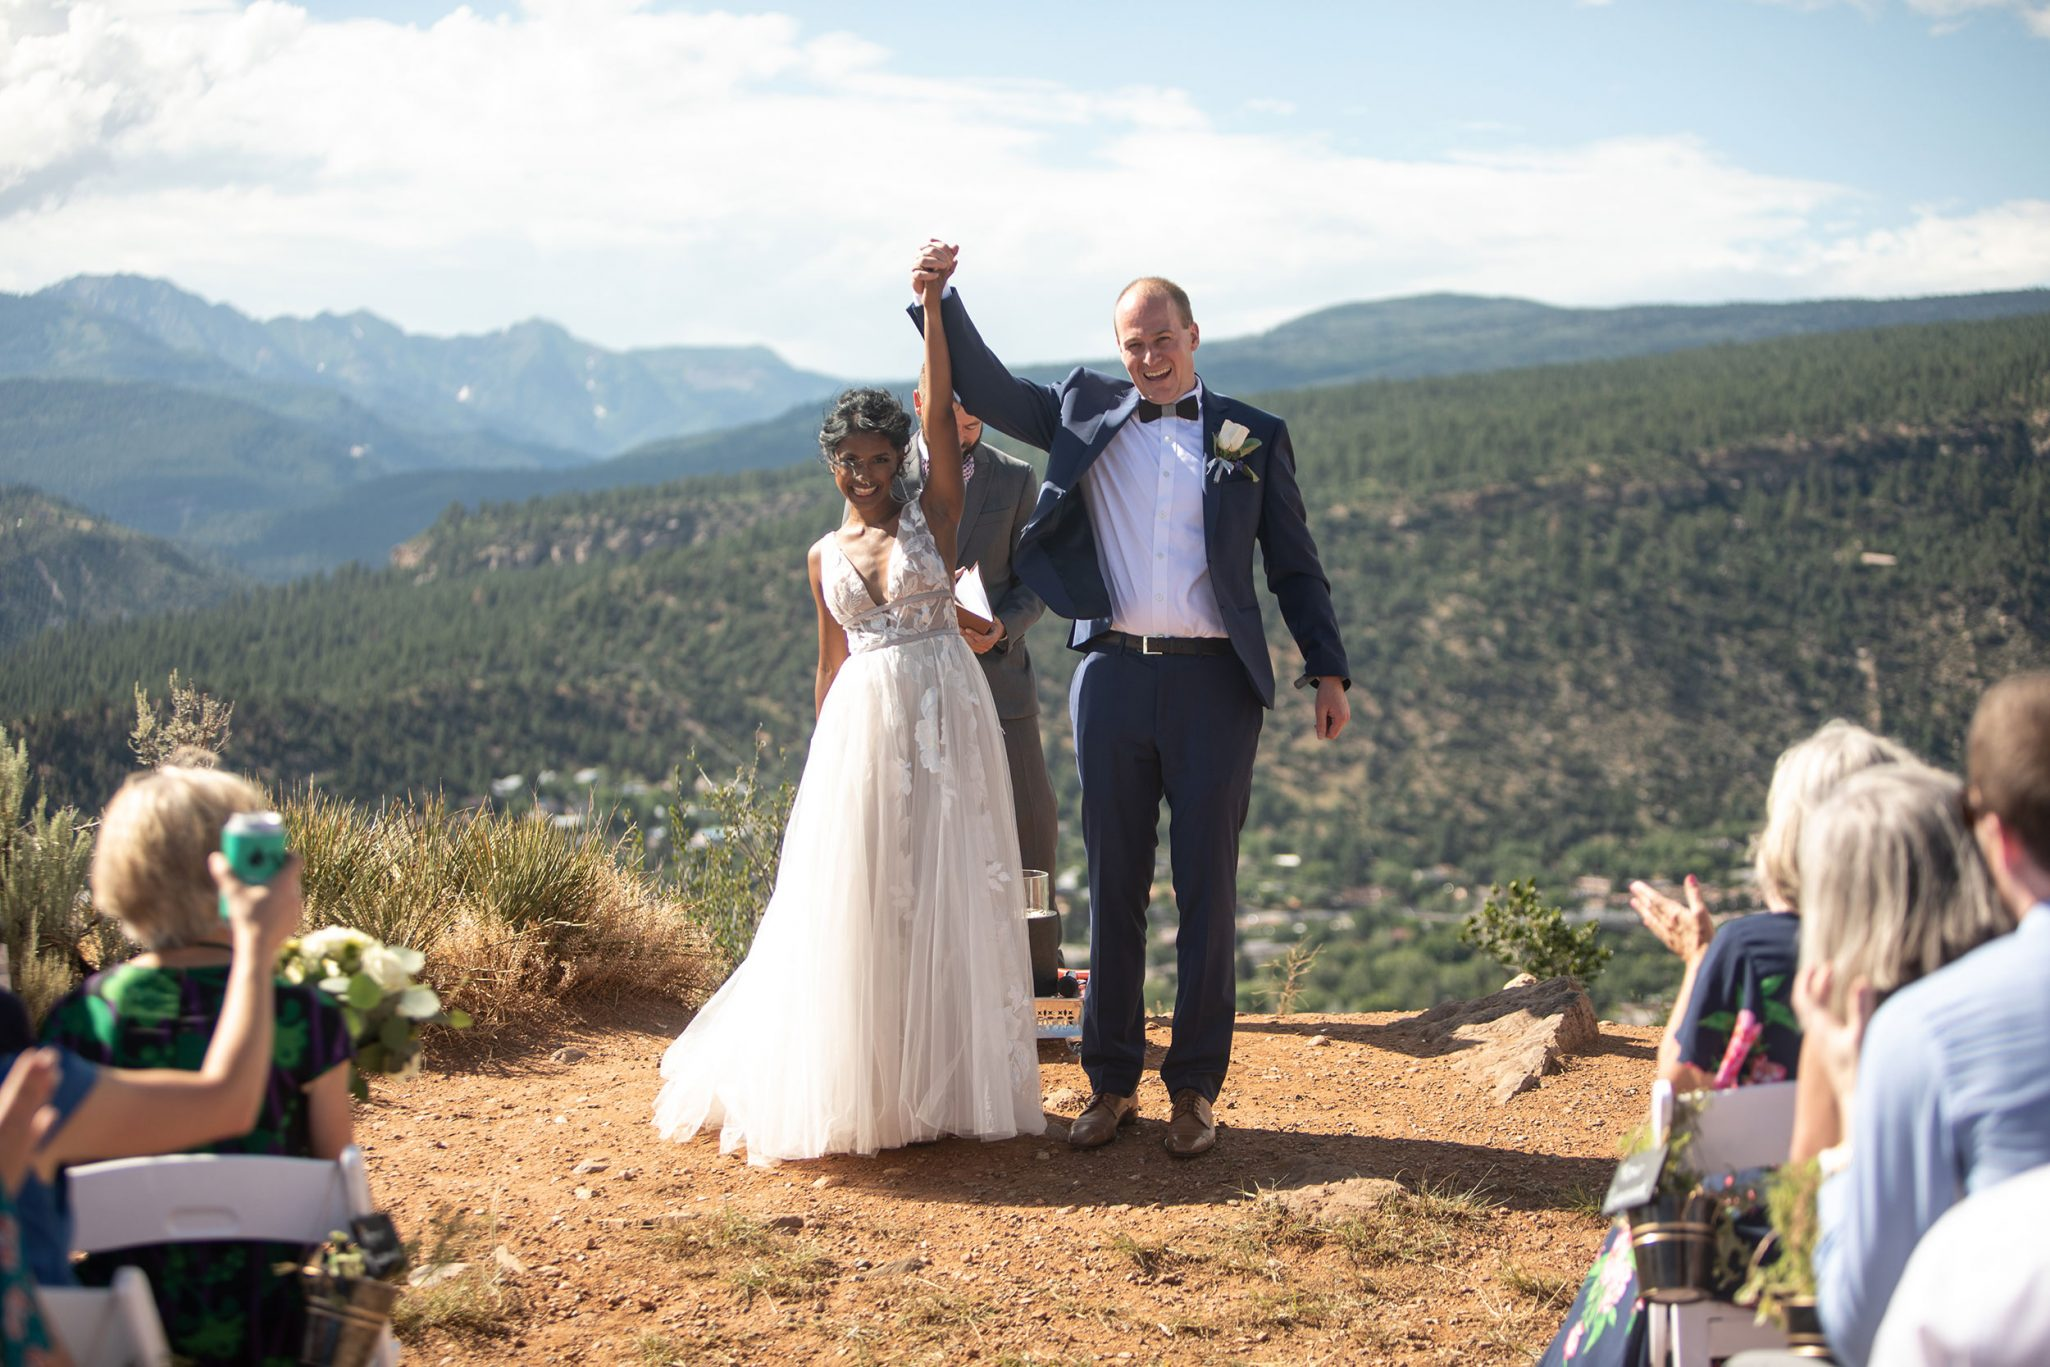 """Ceremony """"I do"""" in Durango, Colorado"""